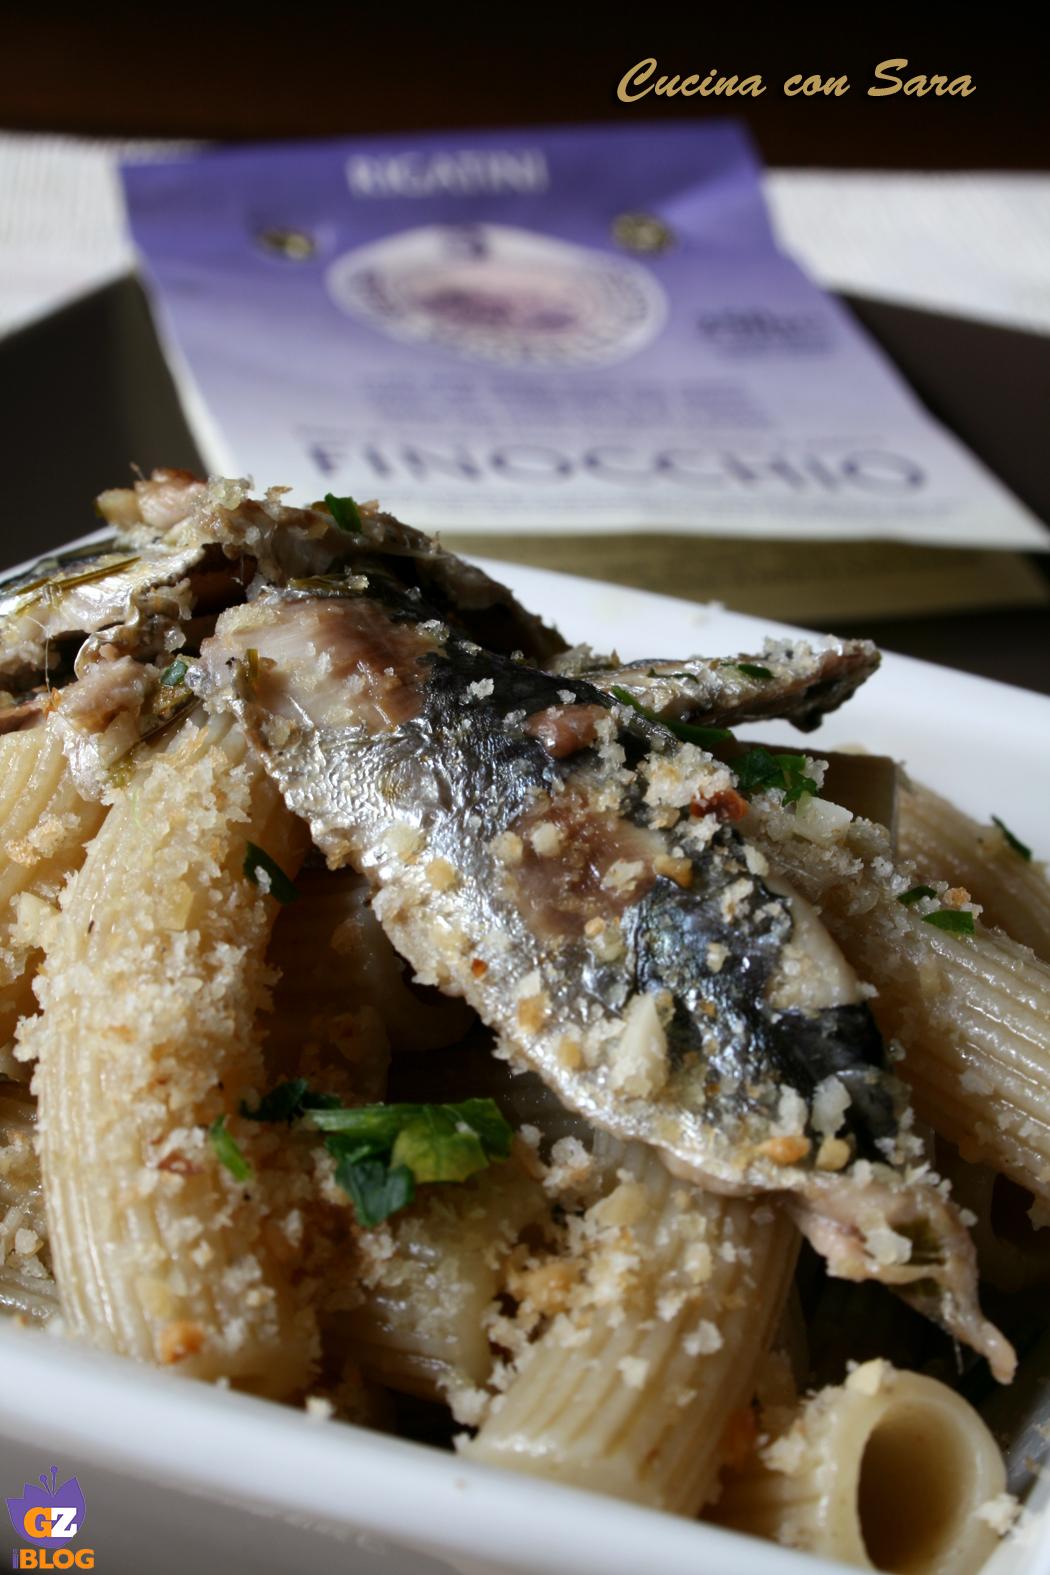 Pasta con le sarde cucina con sara - Cucina con sara ...